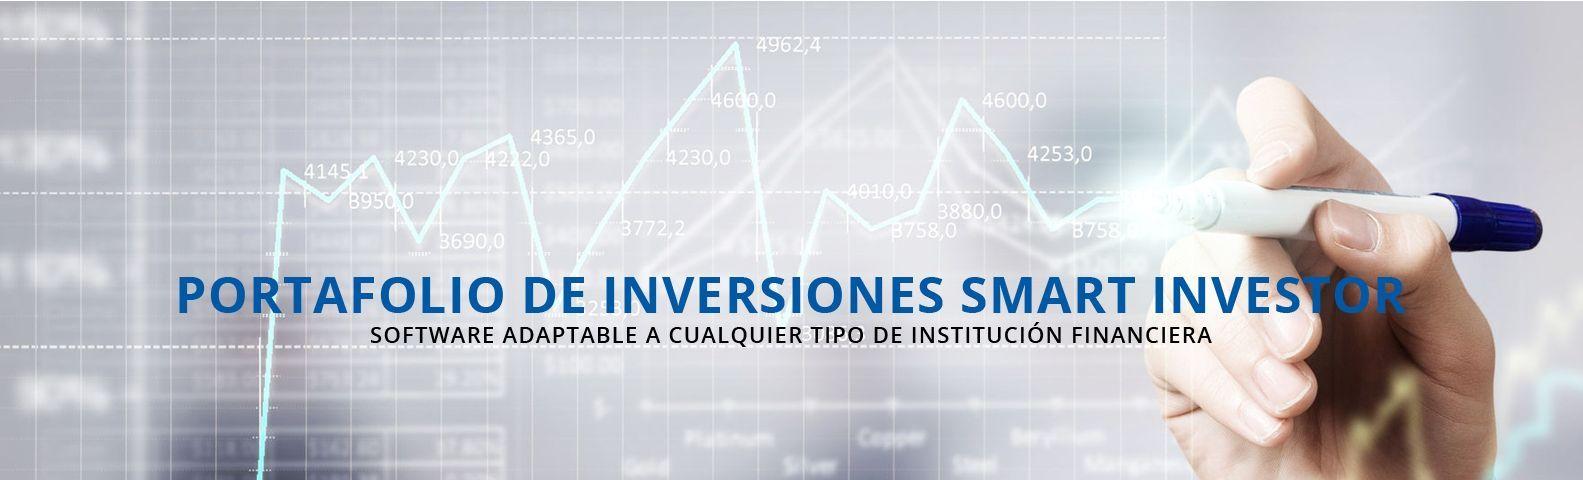 BNR INVERSIONES 01